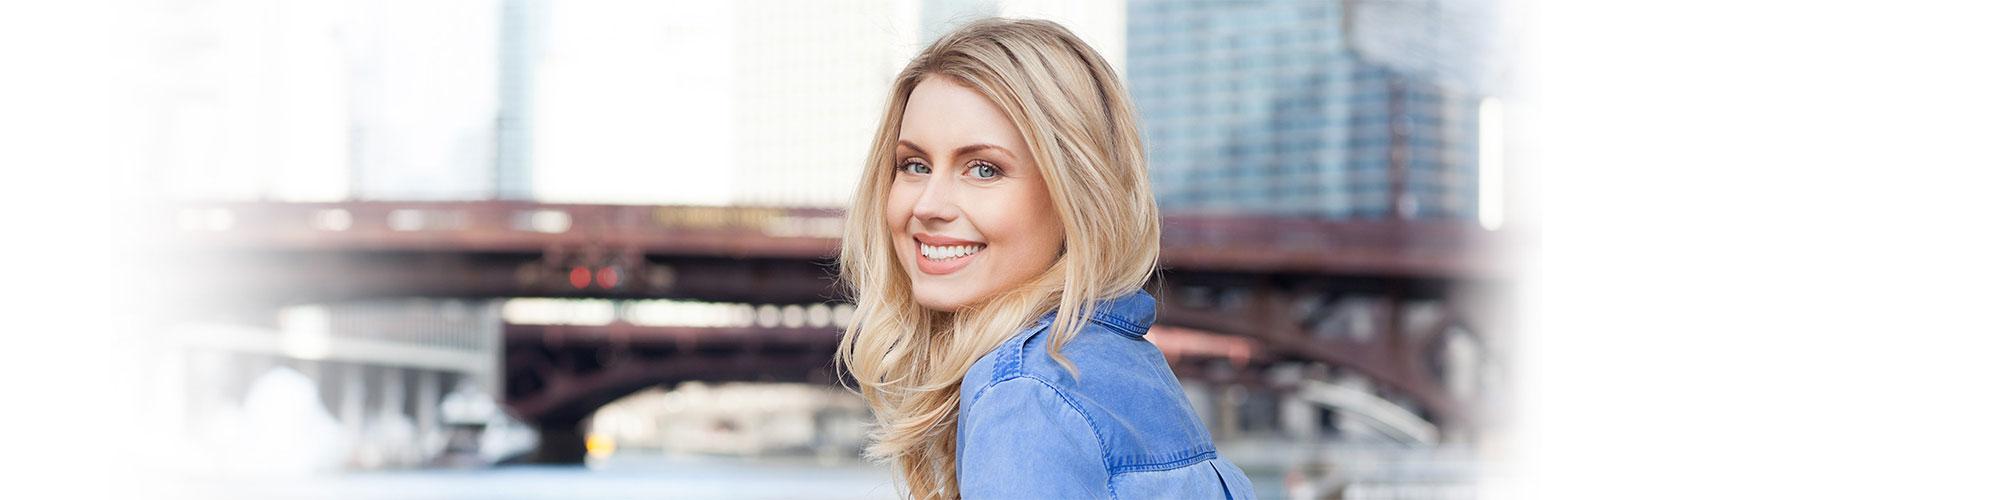 Woman smiling near a bridge